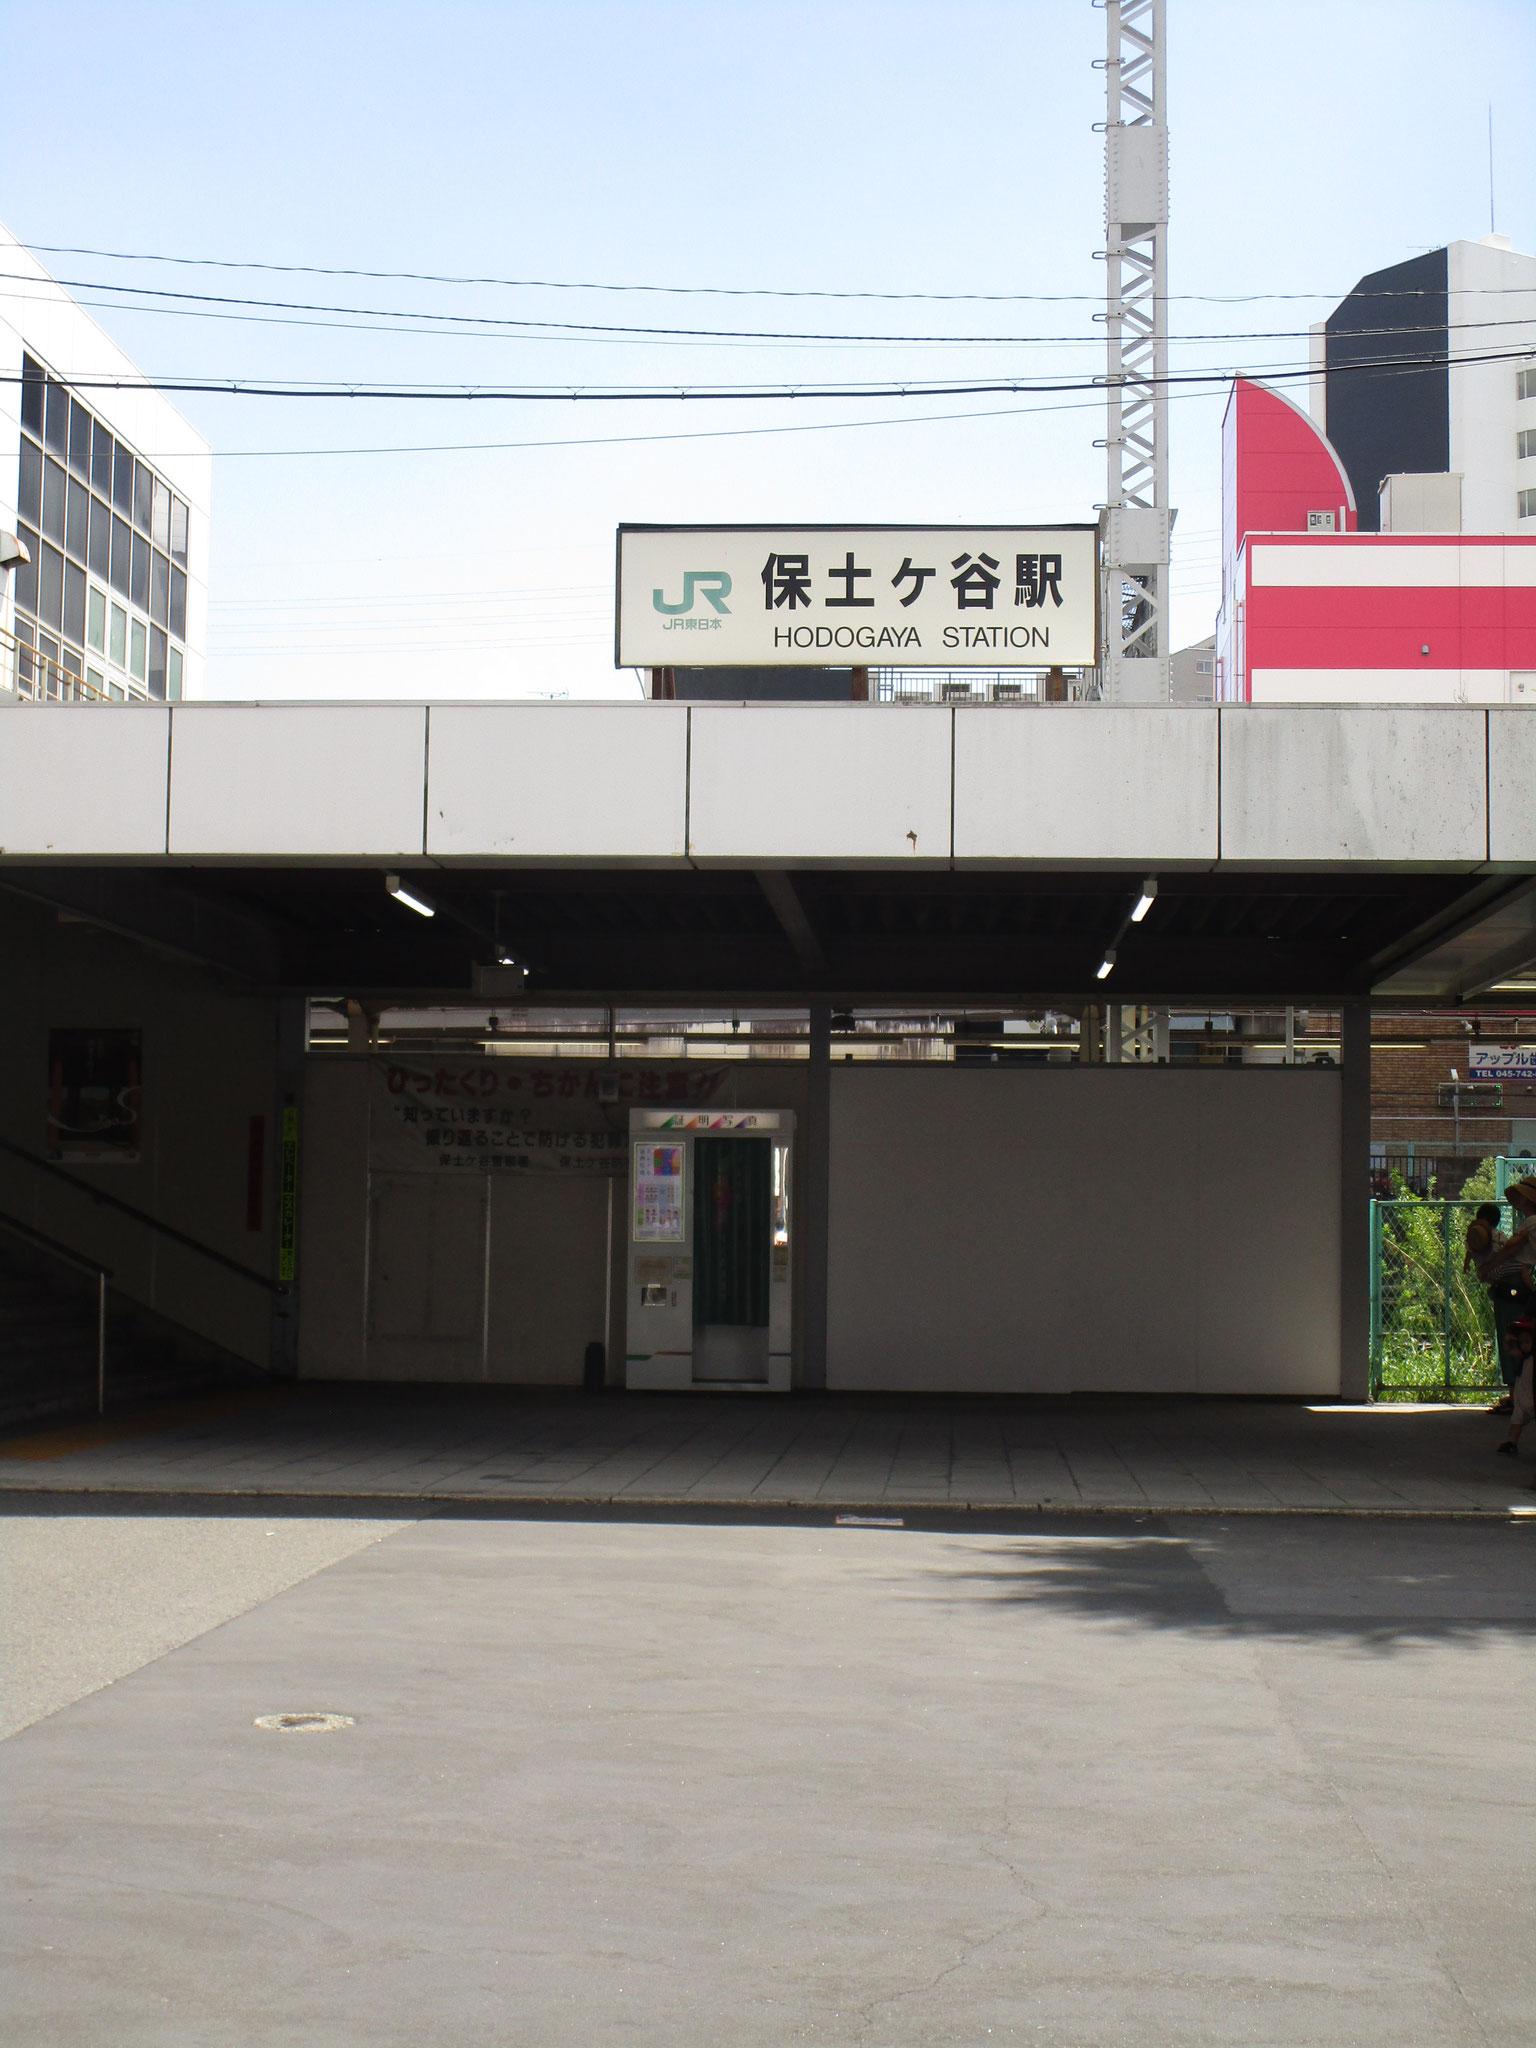 最寄り駅のJR線「保土ヶ谷」駅